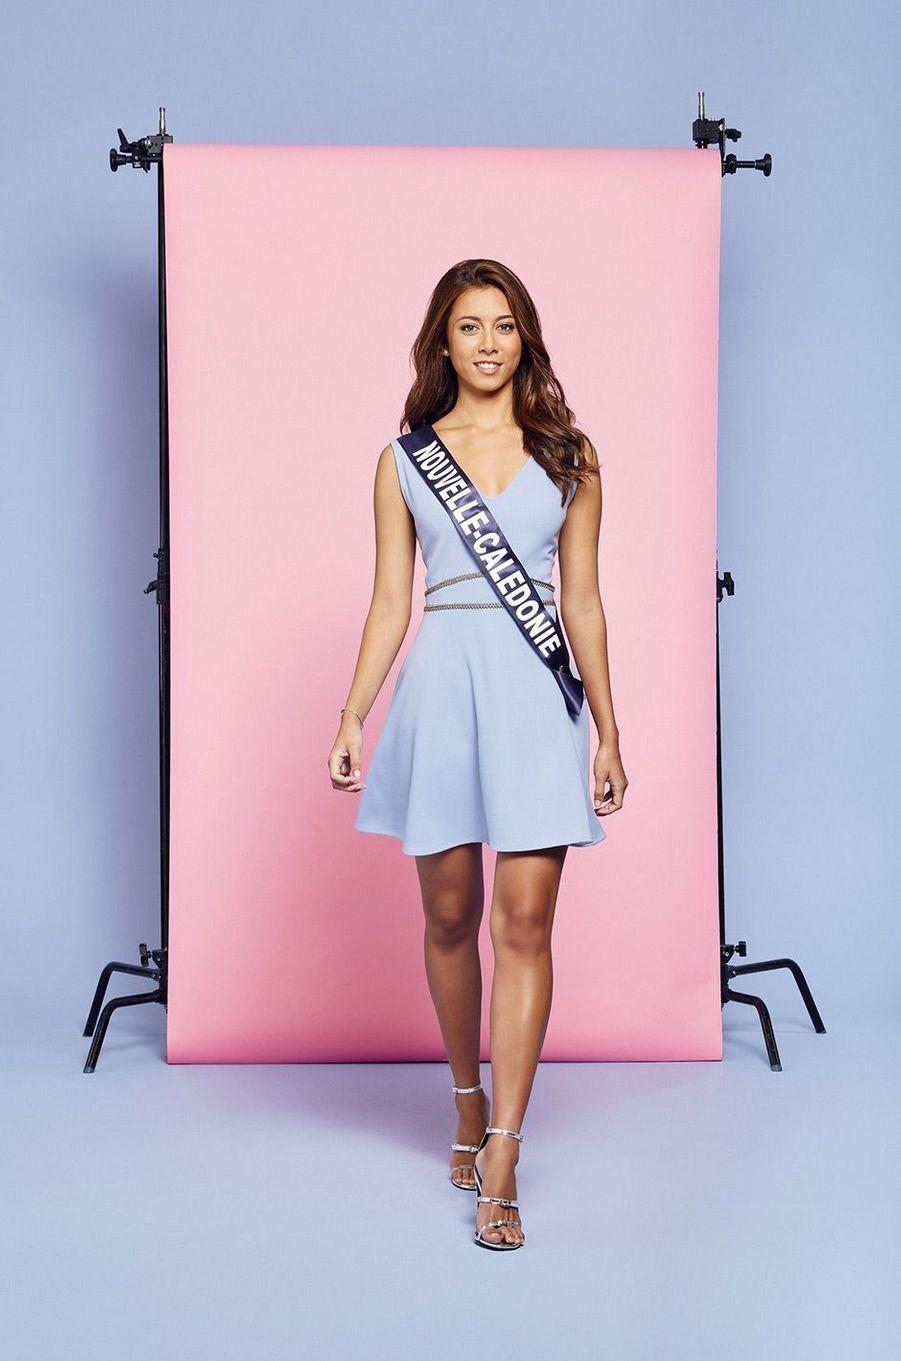 Miss Nouvelle-Calédonie: Amandine Chabrier